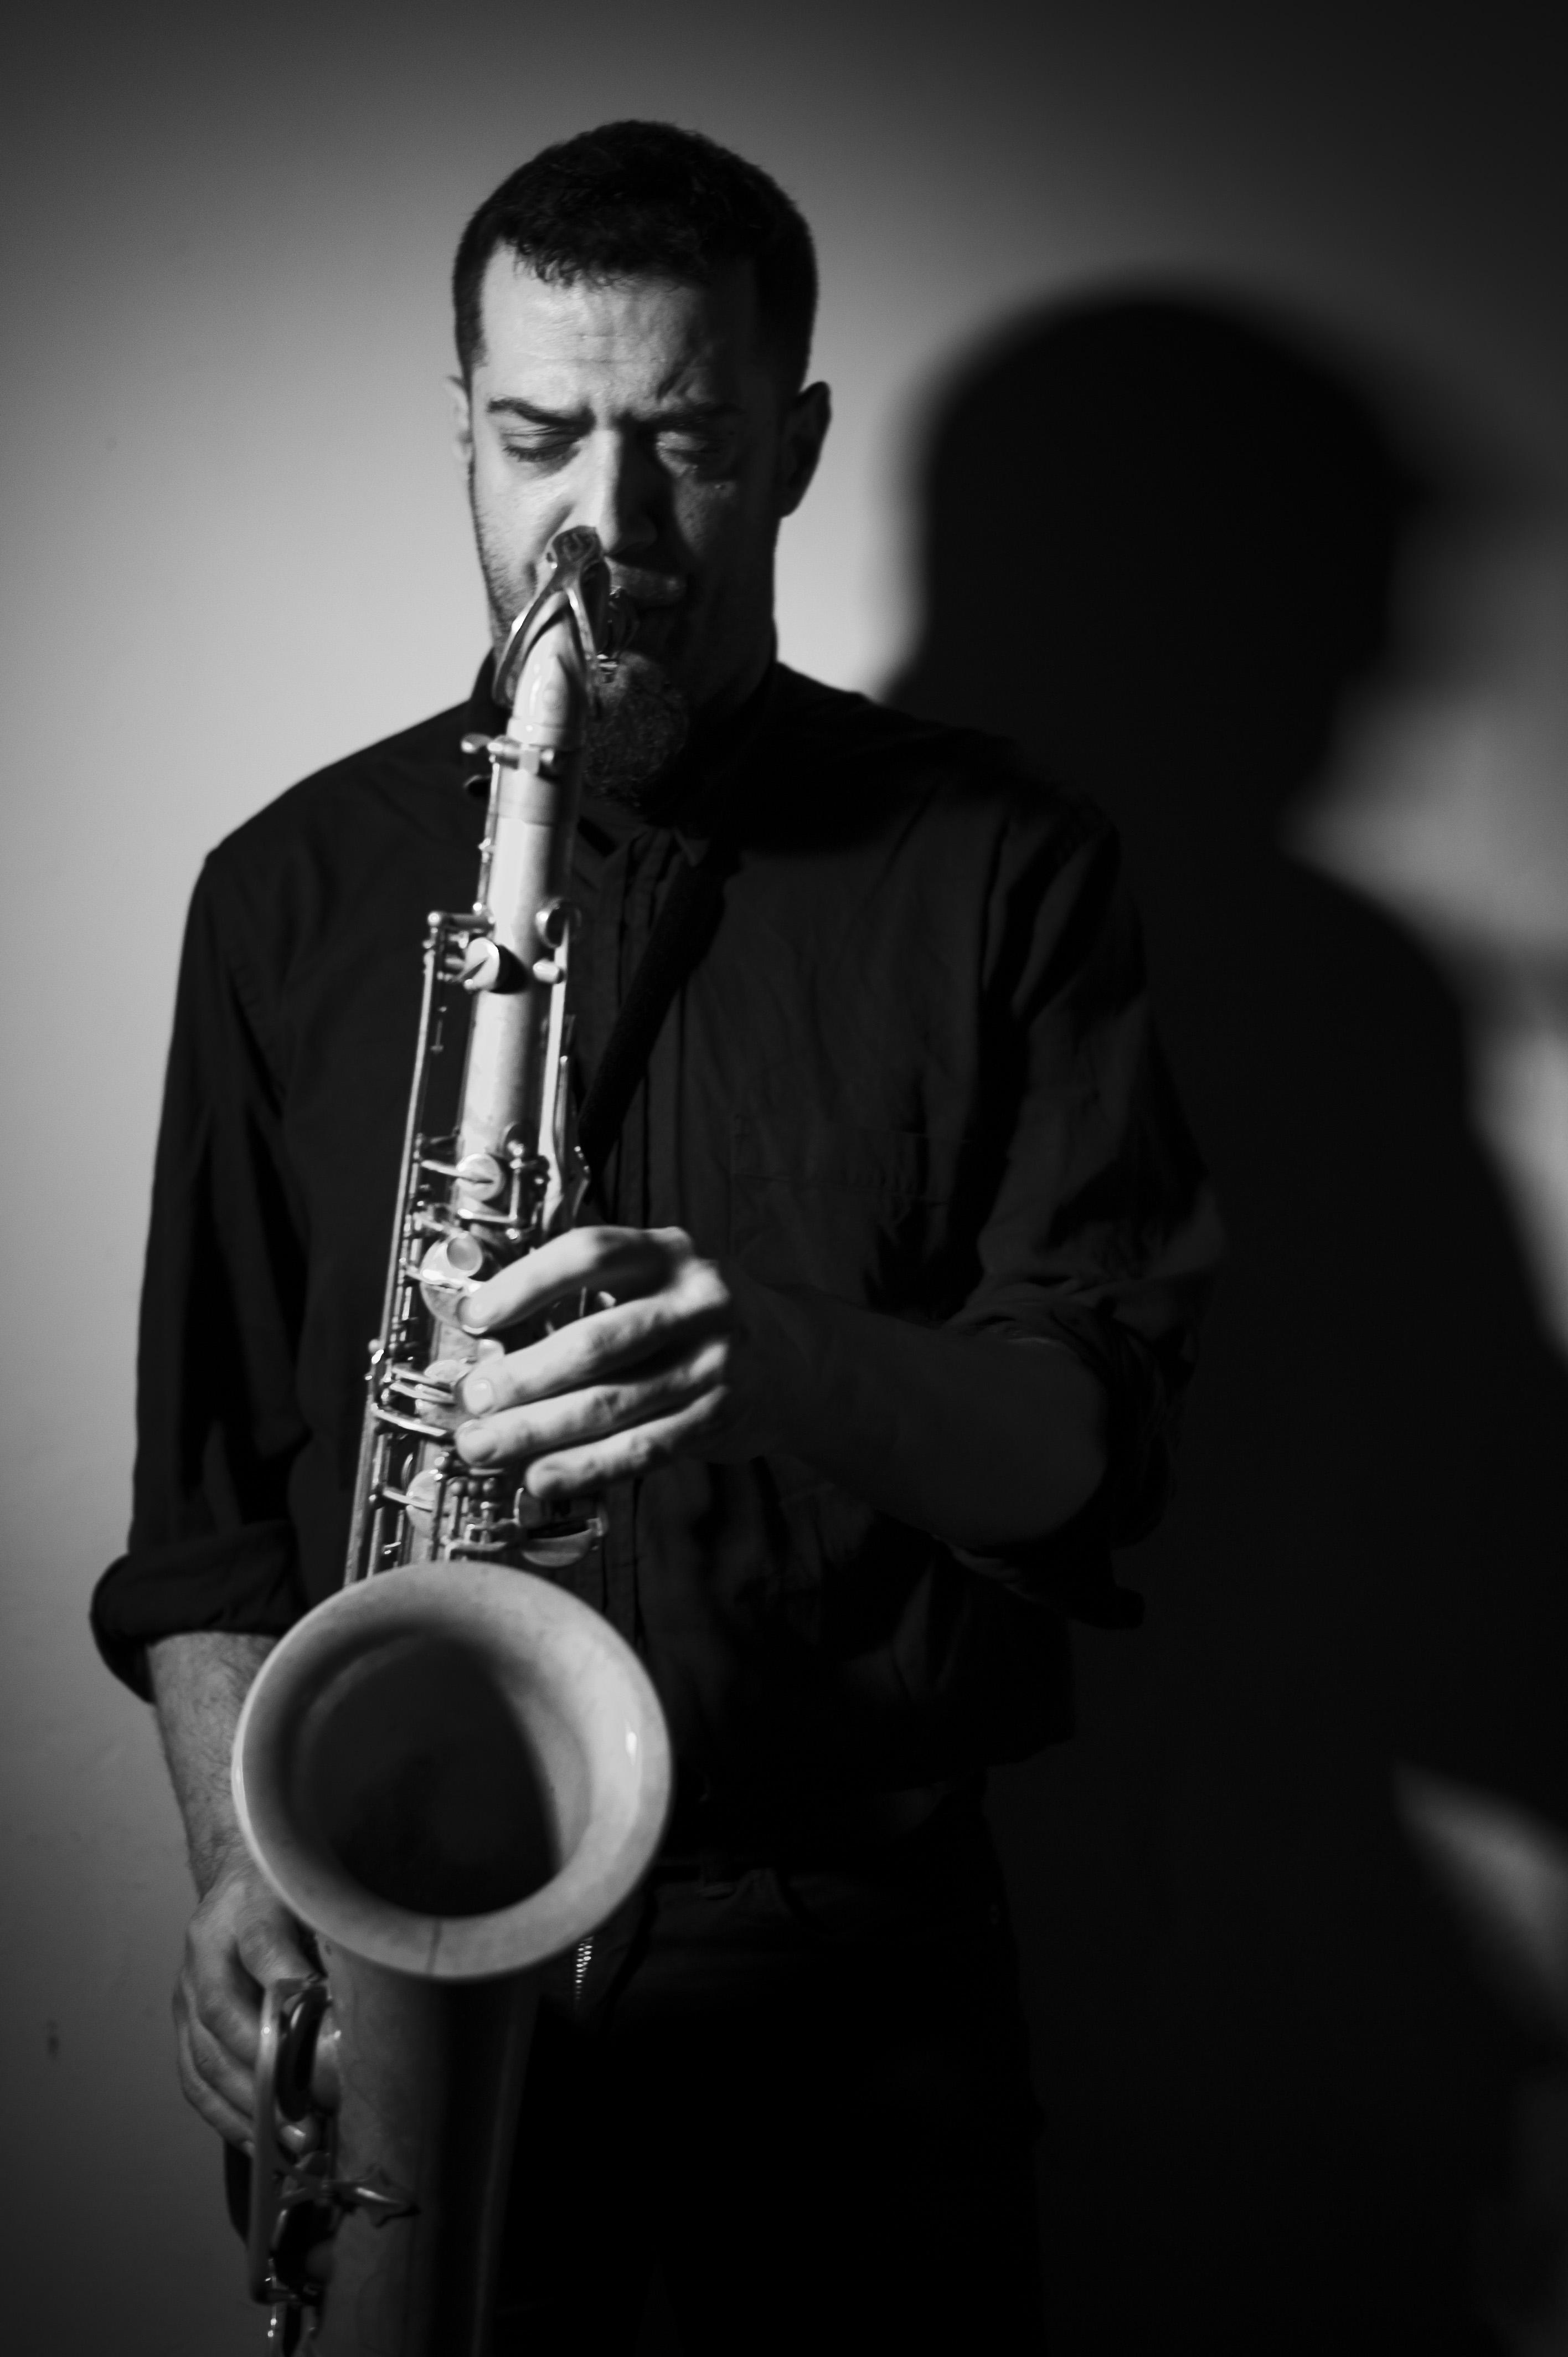 Claudio Ingletti